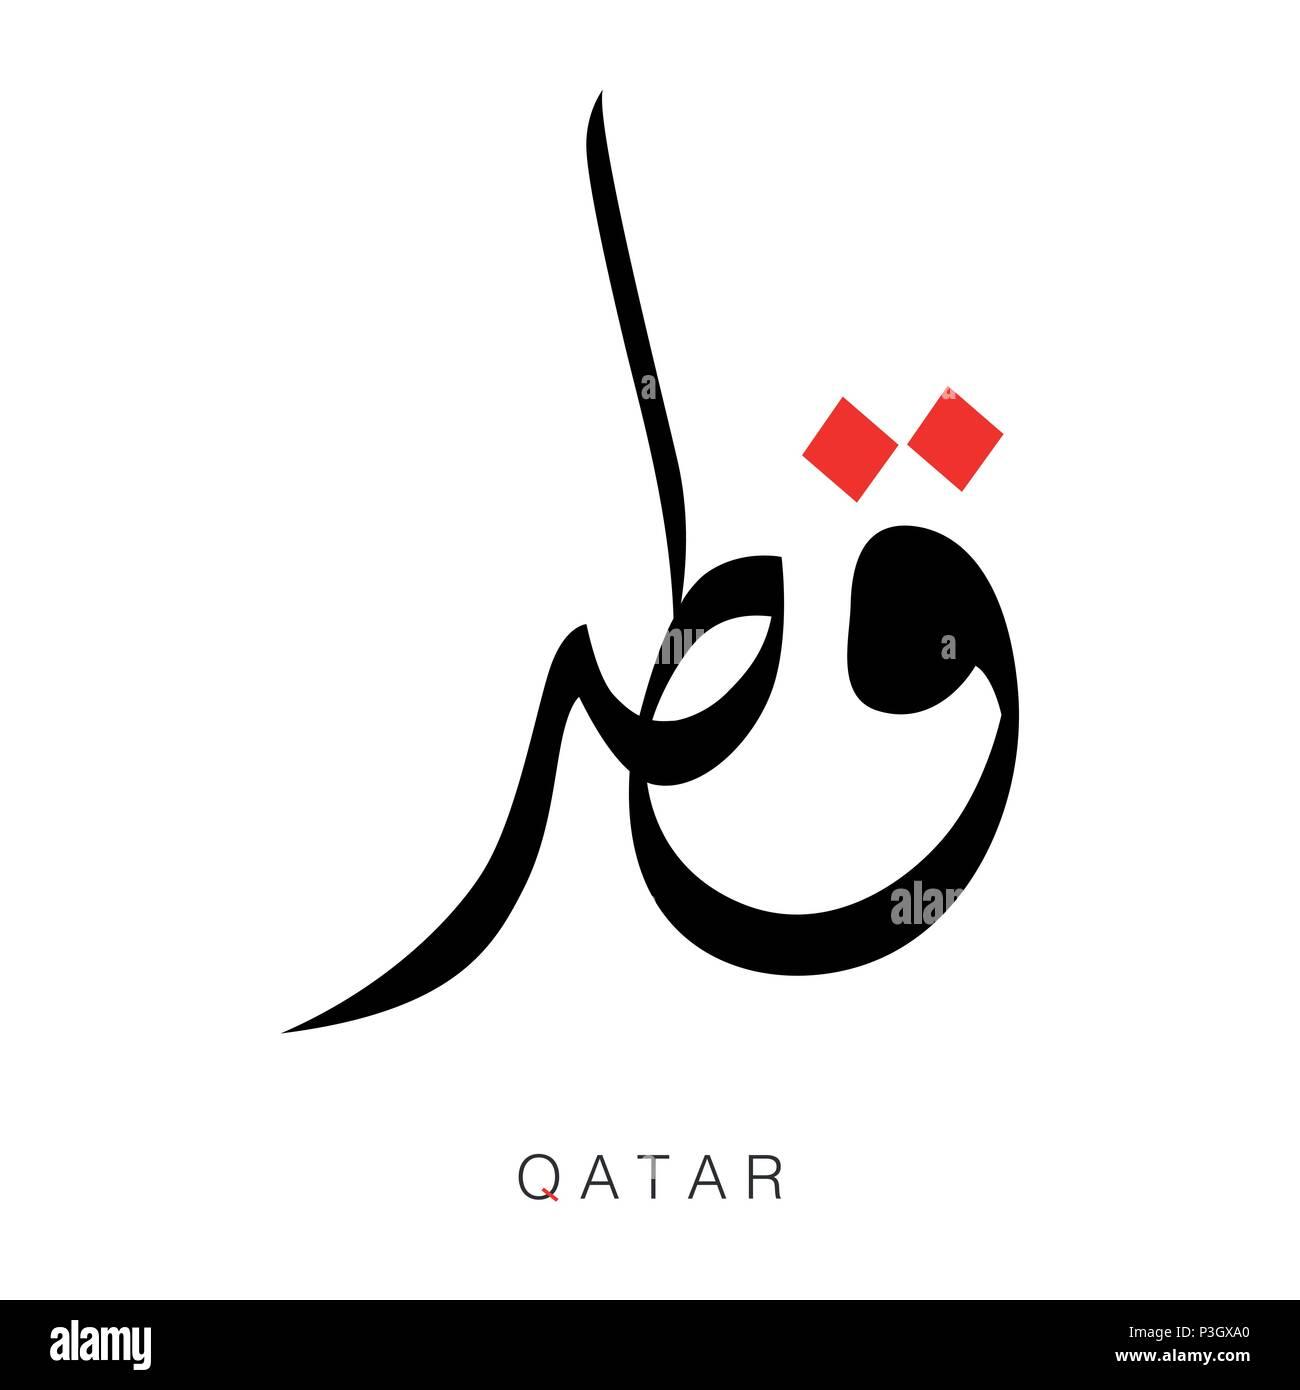 Qatar Vector Vectors Stock Photos & Qatar Vector Vectors